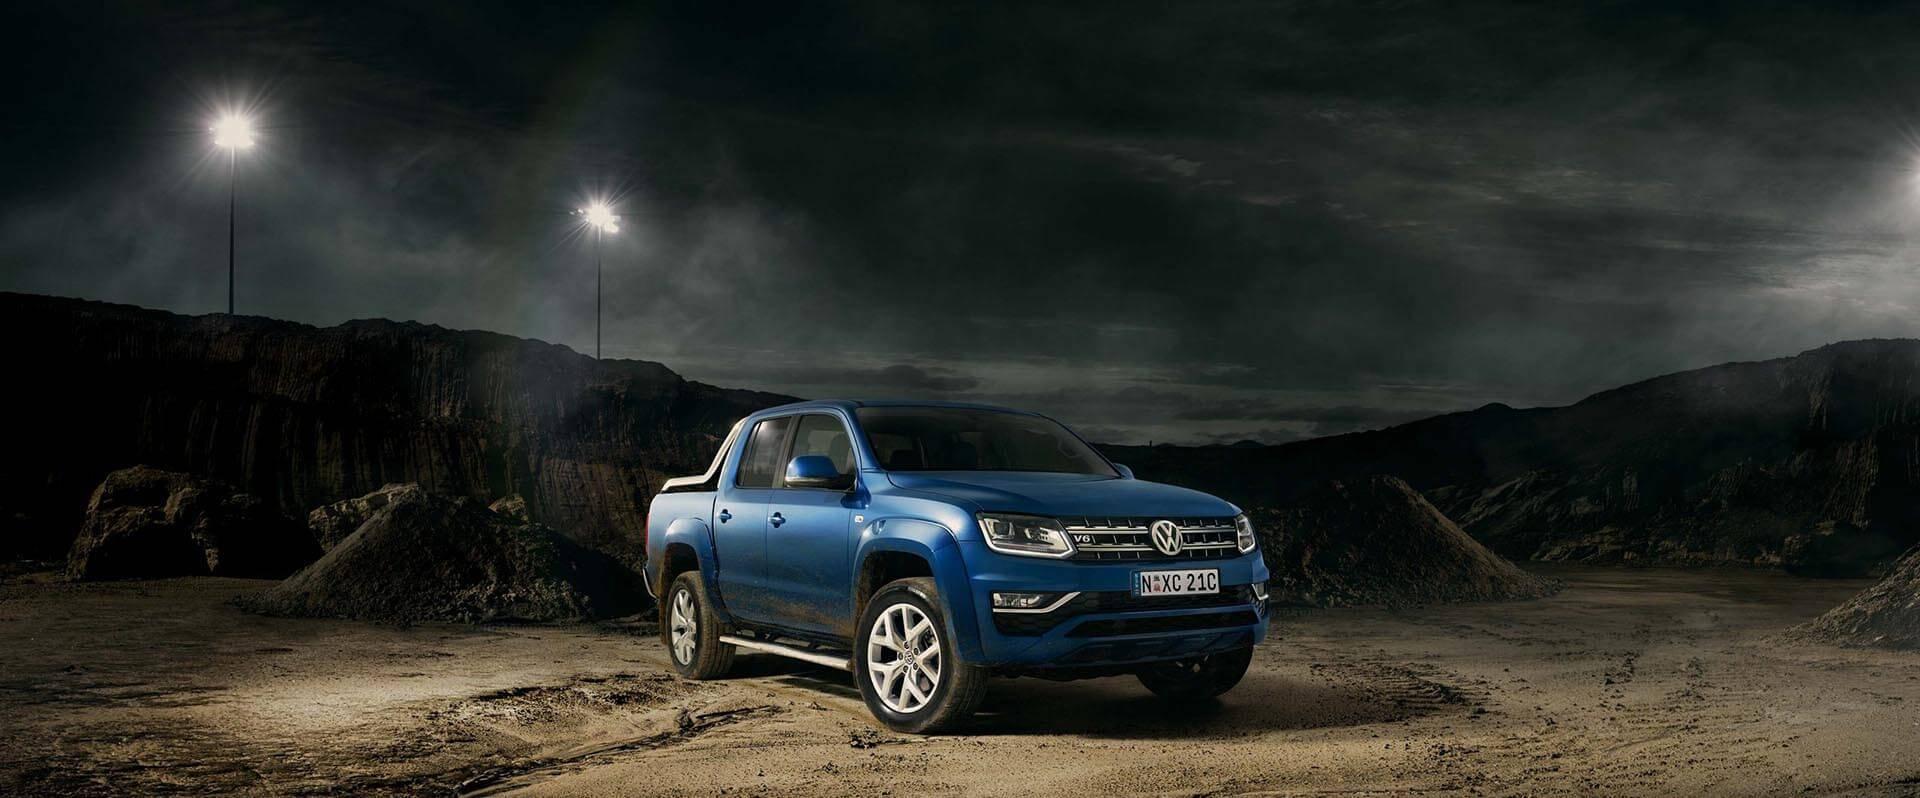 Doncaster Volkswagen Vw Dealer Doncaster Melbourne